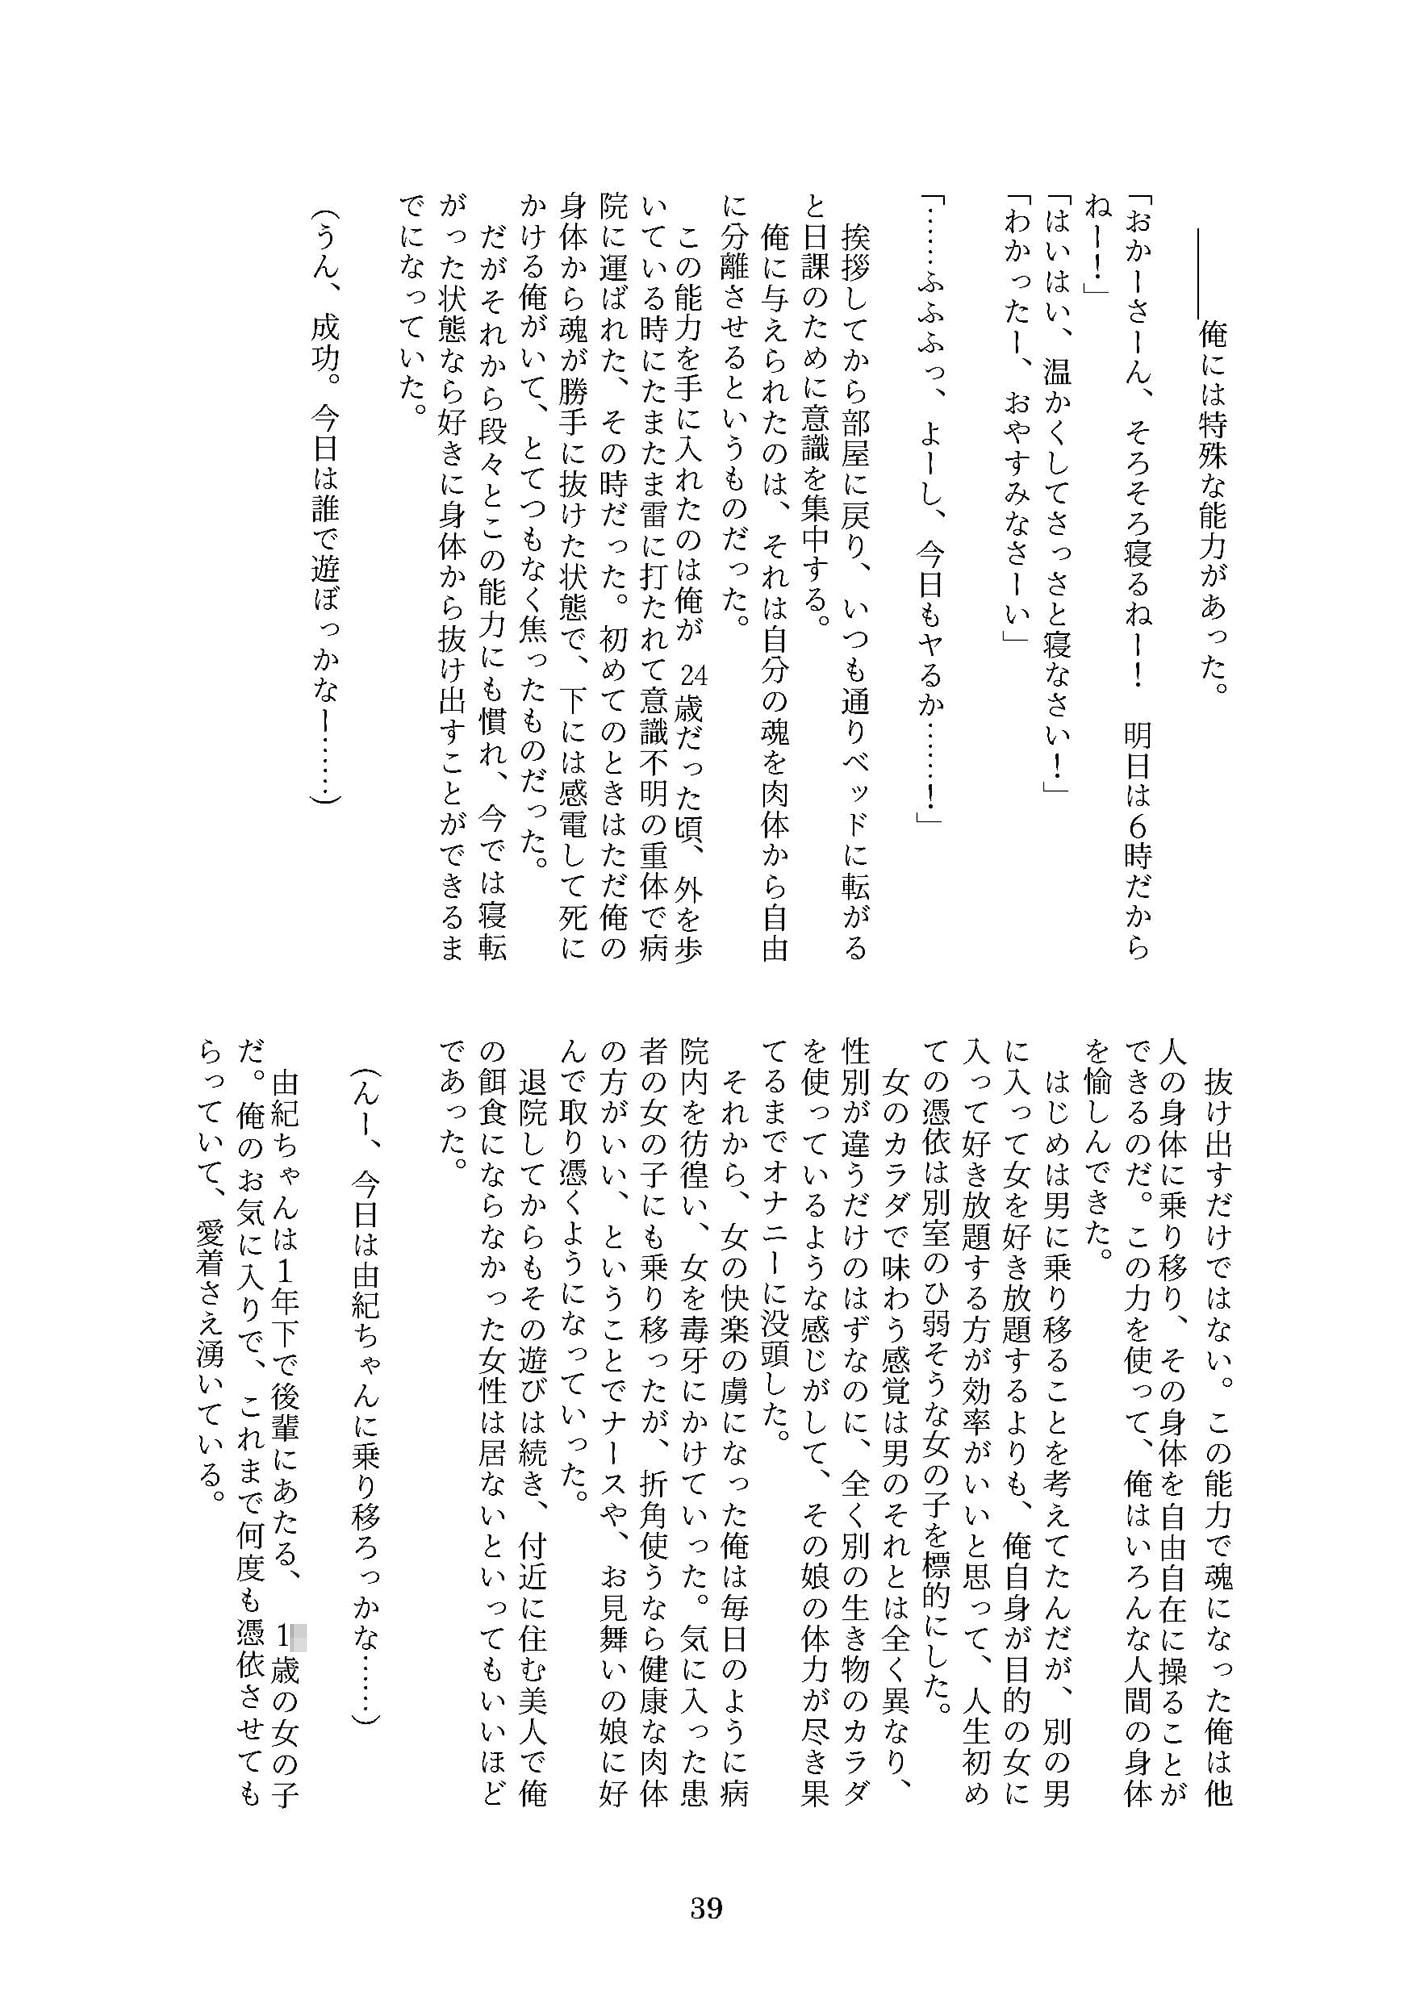 憑依好きの本 C97 (憑依ラヴァー) DLsite提供:同人作品 – ノベル